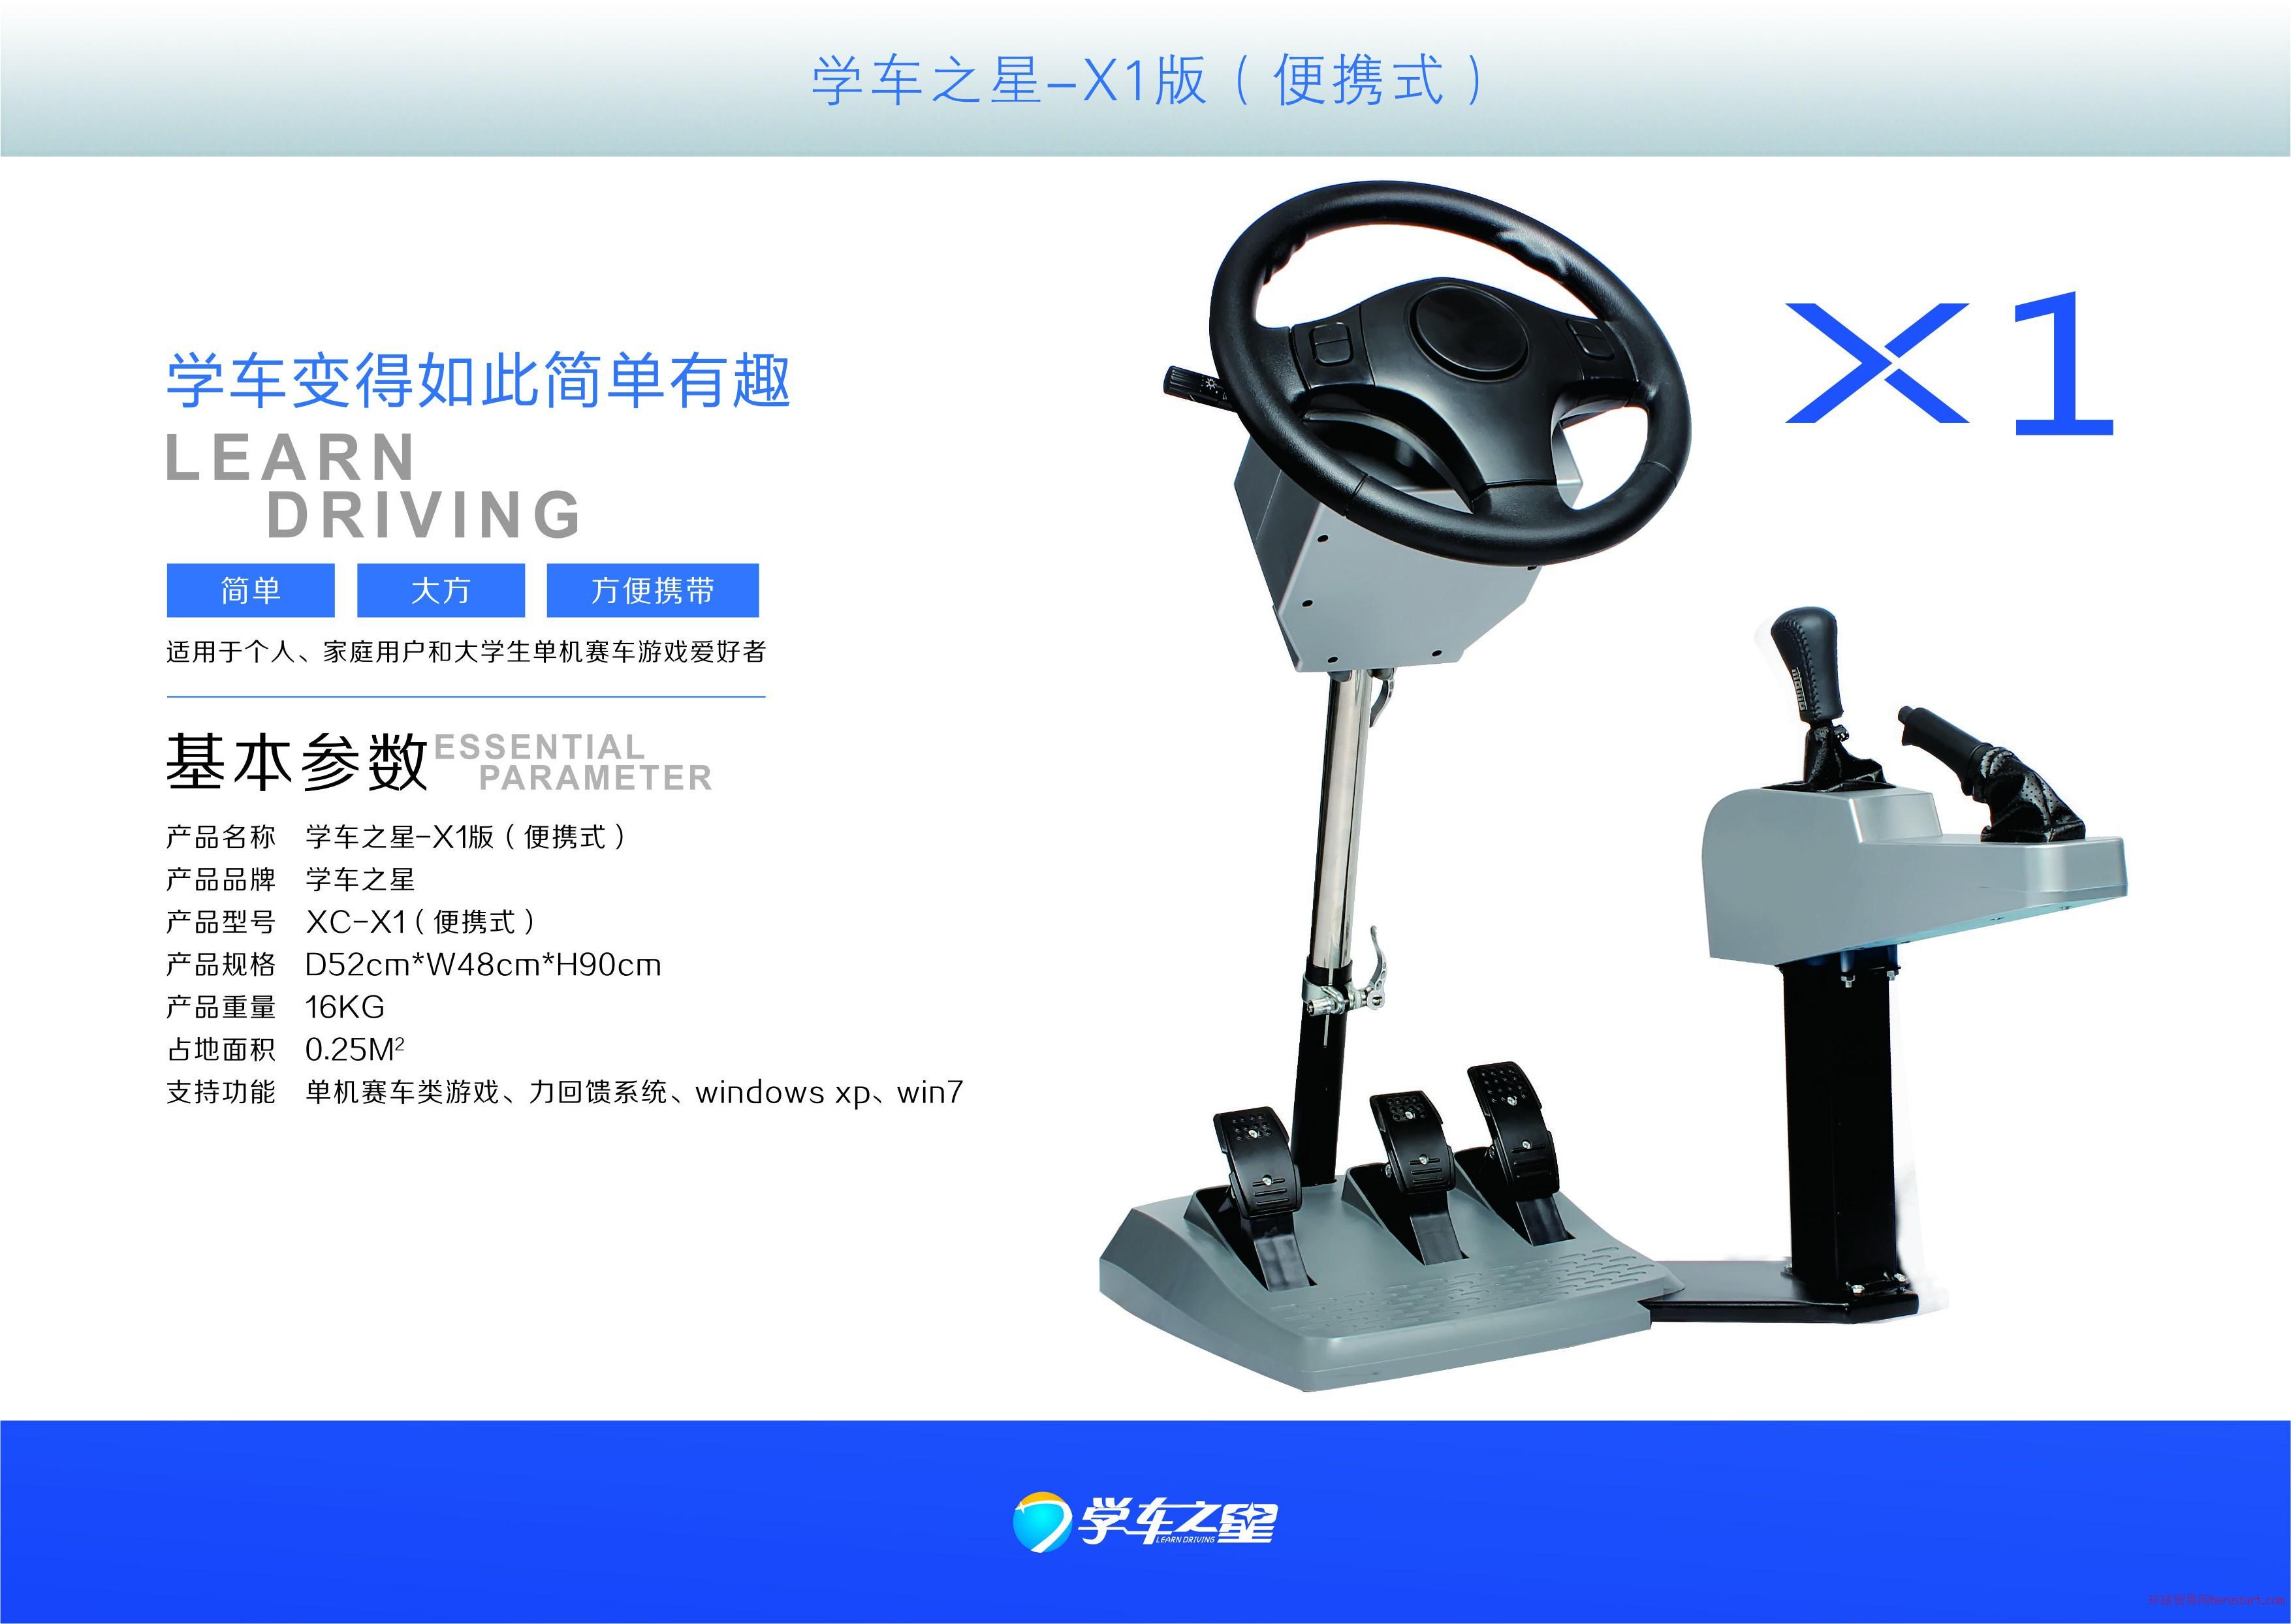 汽车驾驶模拟器训练器价格型号规格